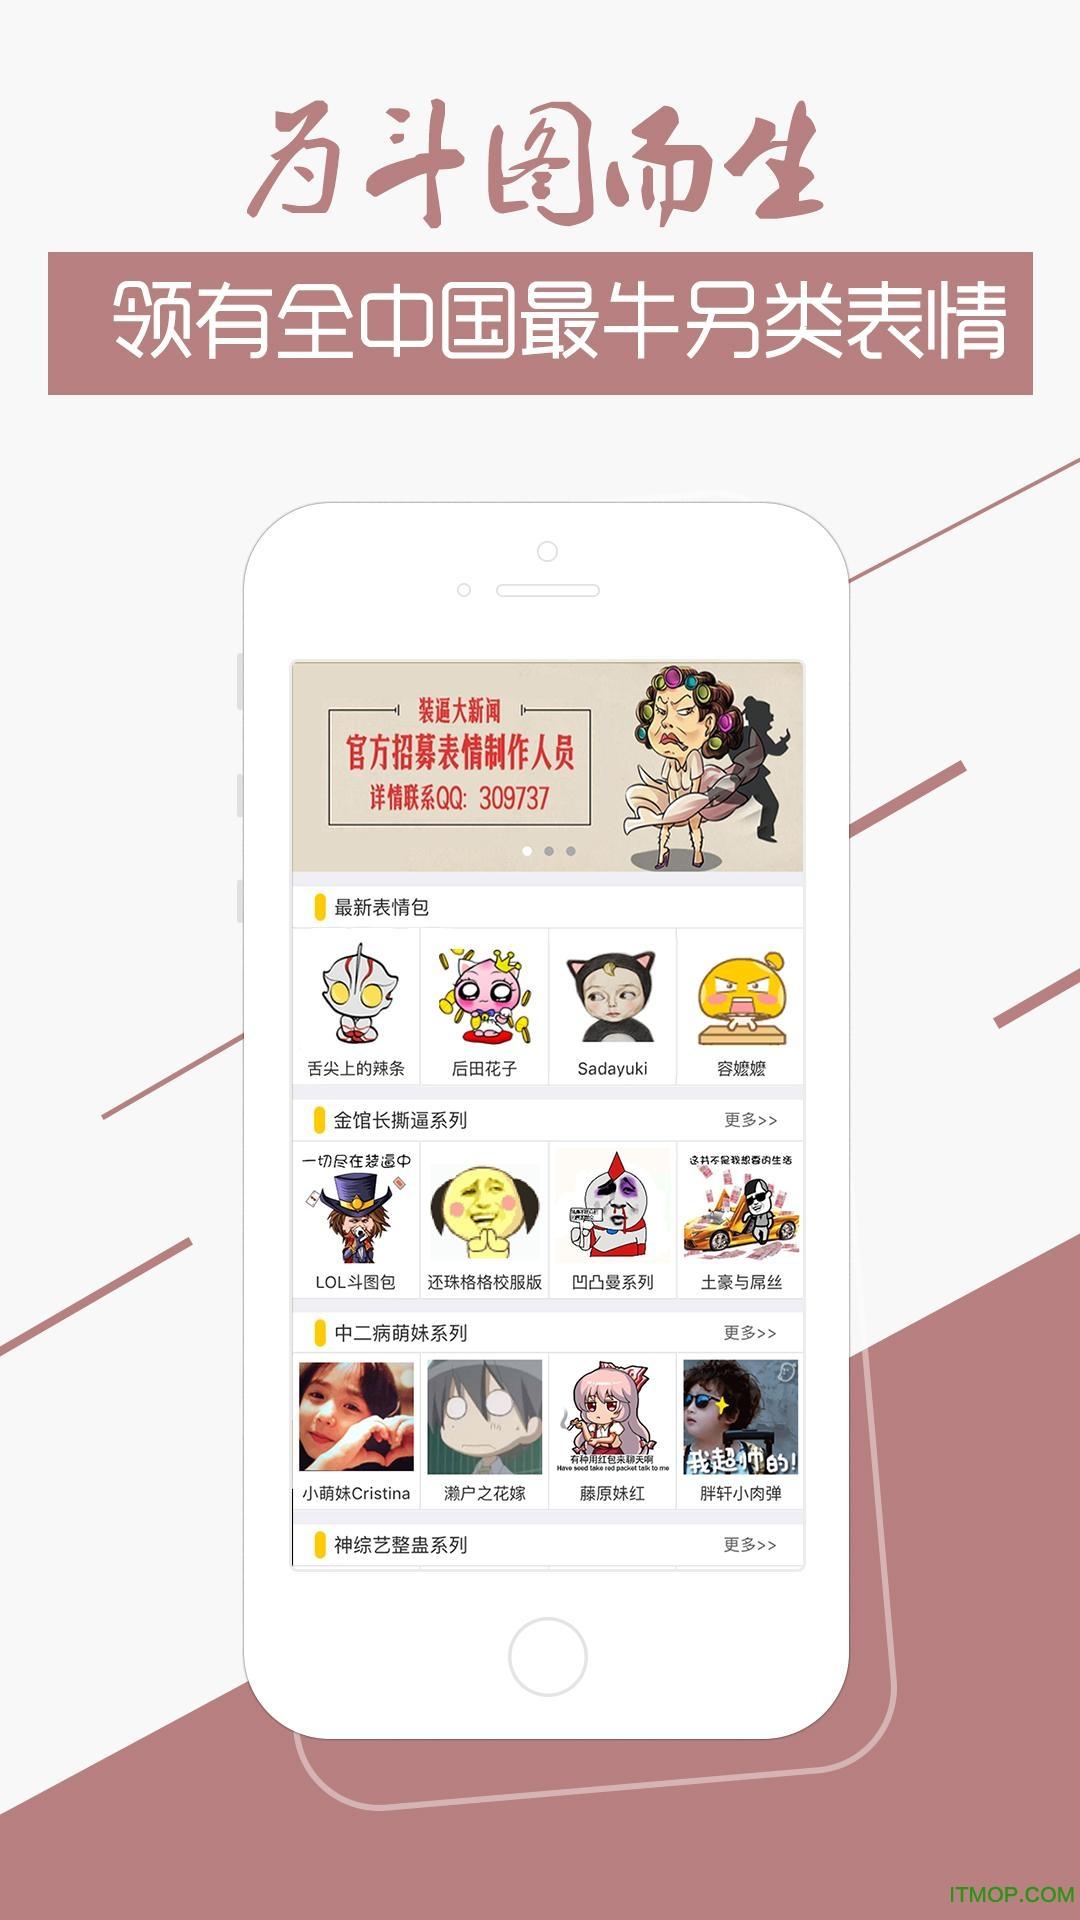 BiBi娱乐社区app v2.23 安卓版2